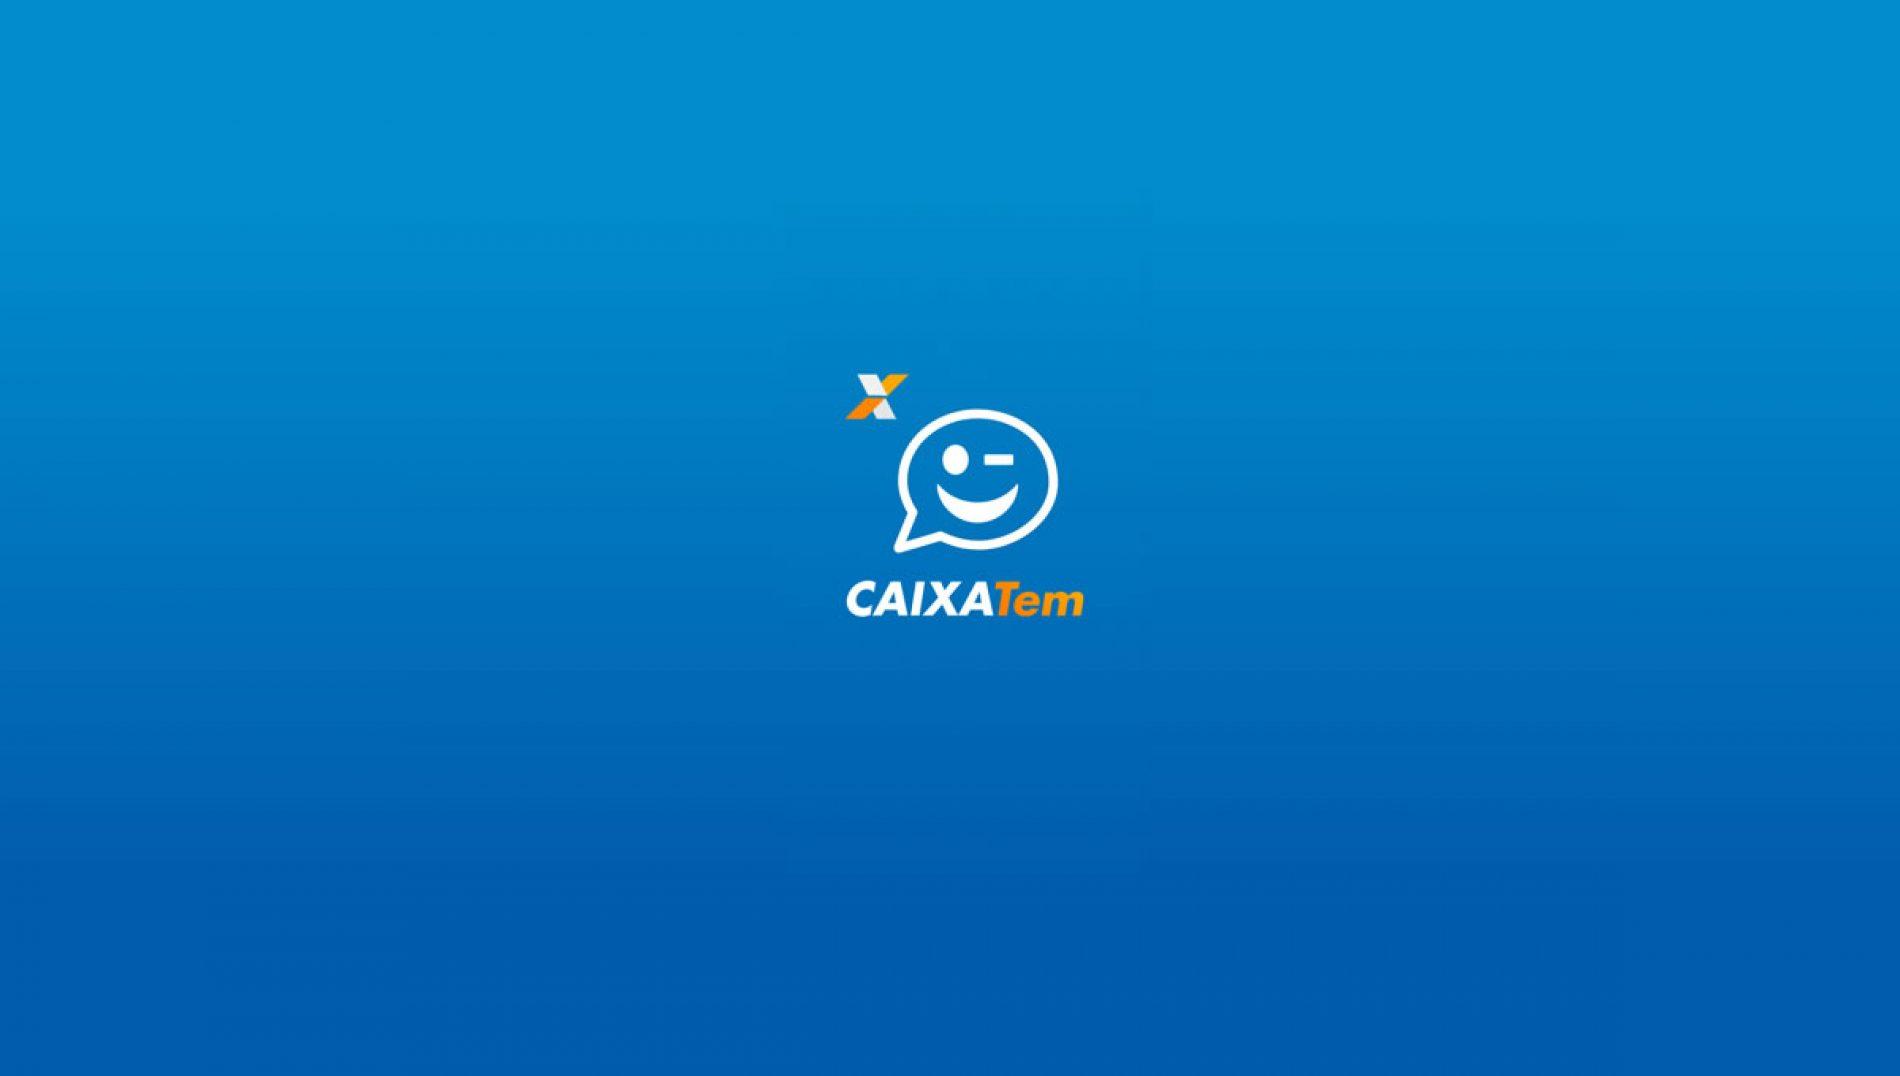 CAIXA TEM: Gerando código de saque do Auxílio Emergencial